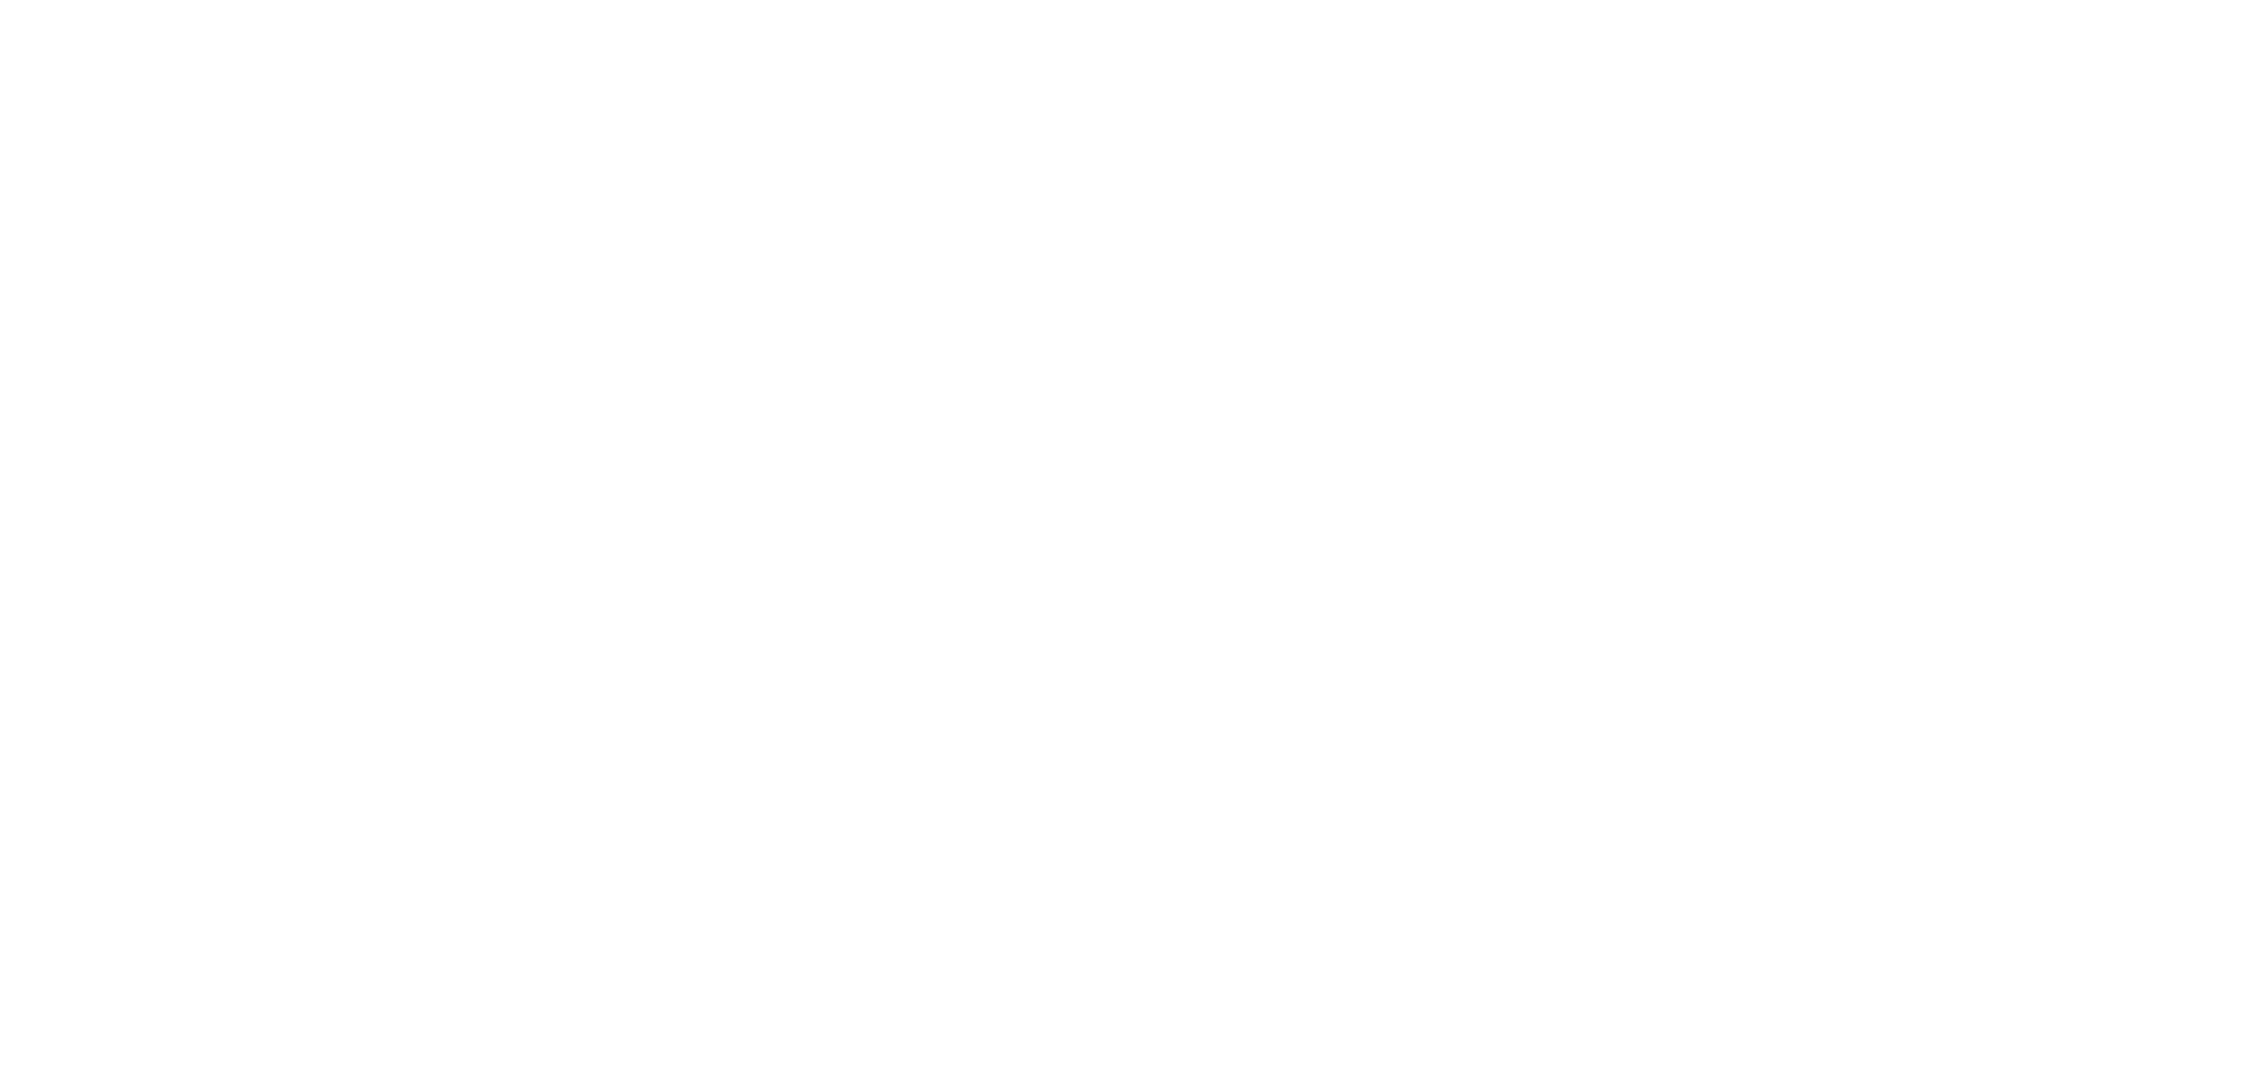 shower_moment_logo-18_1